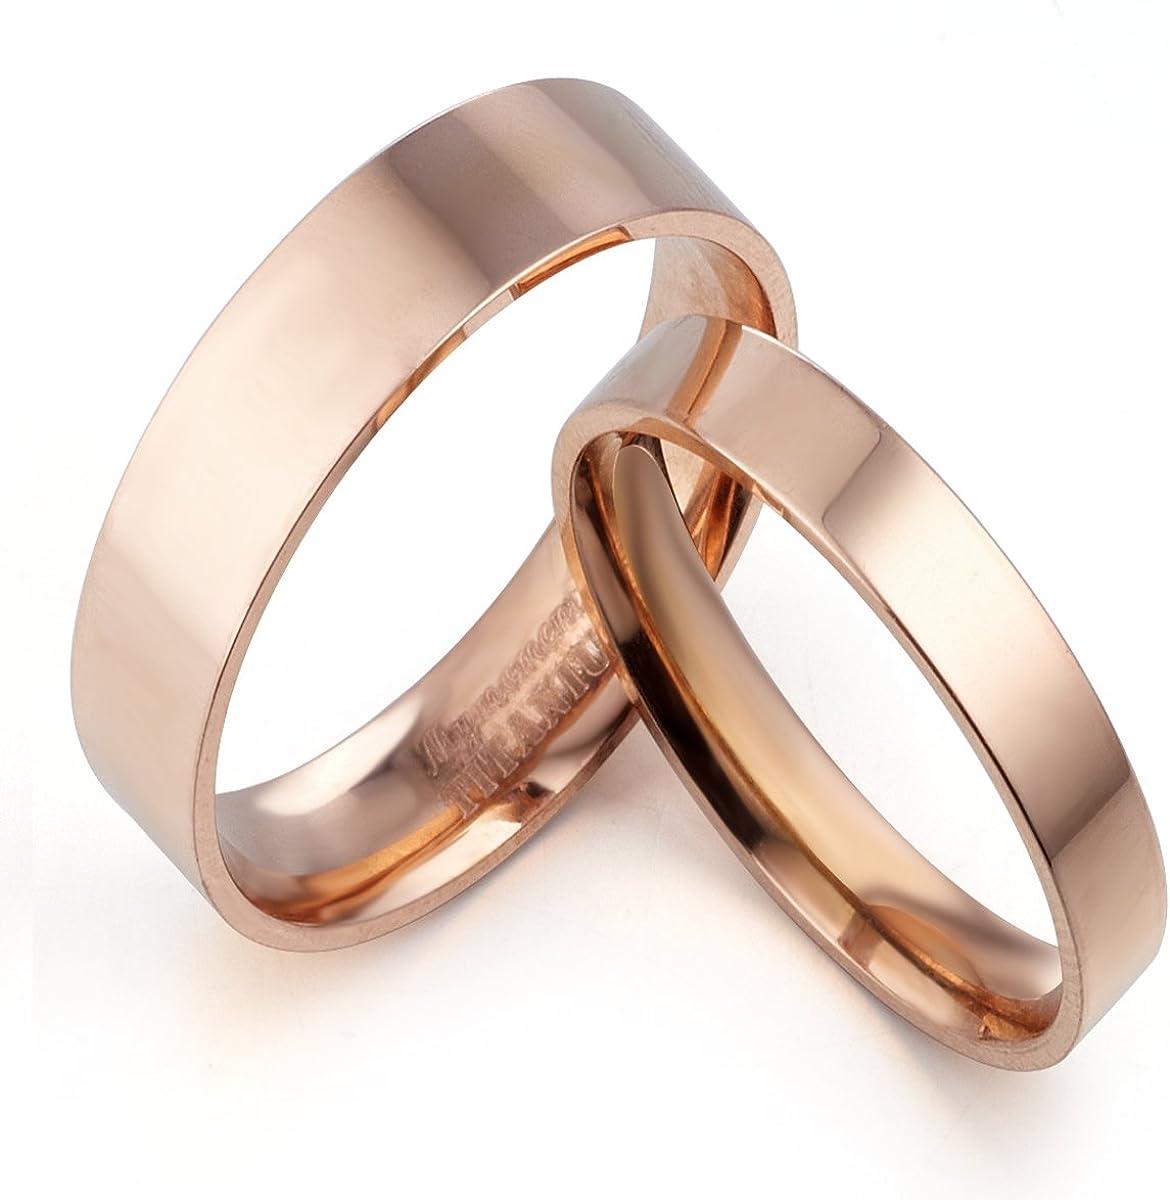 Gemini Groom Max 71% OFF Bride Flat Court Comfort Gold W Titanium Rose Import Fit